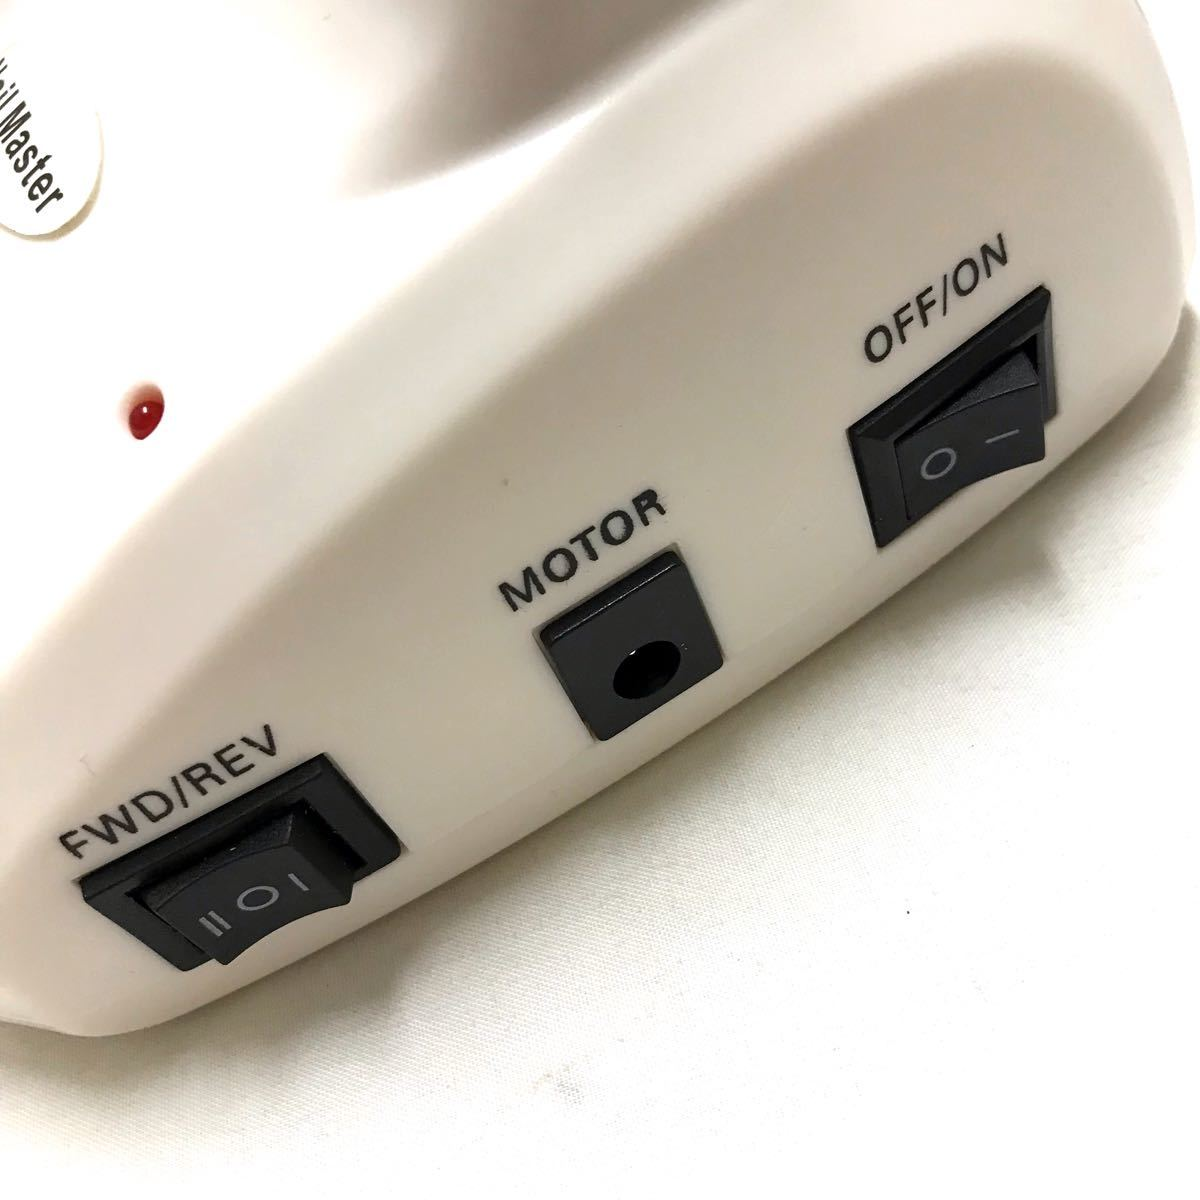 ネイルポリッシャー ネイルマシン ビット6種類 ネイルアート ネイルケア 時短